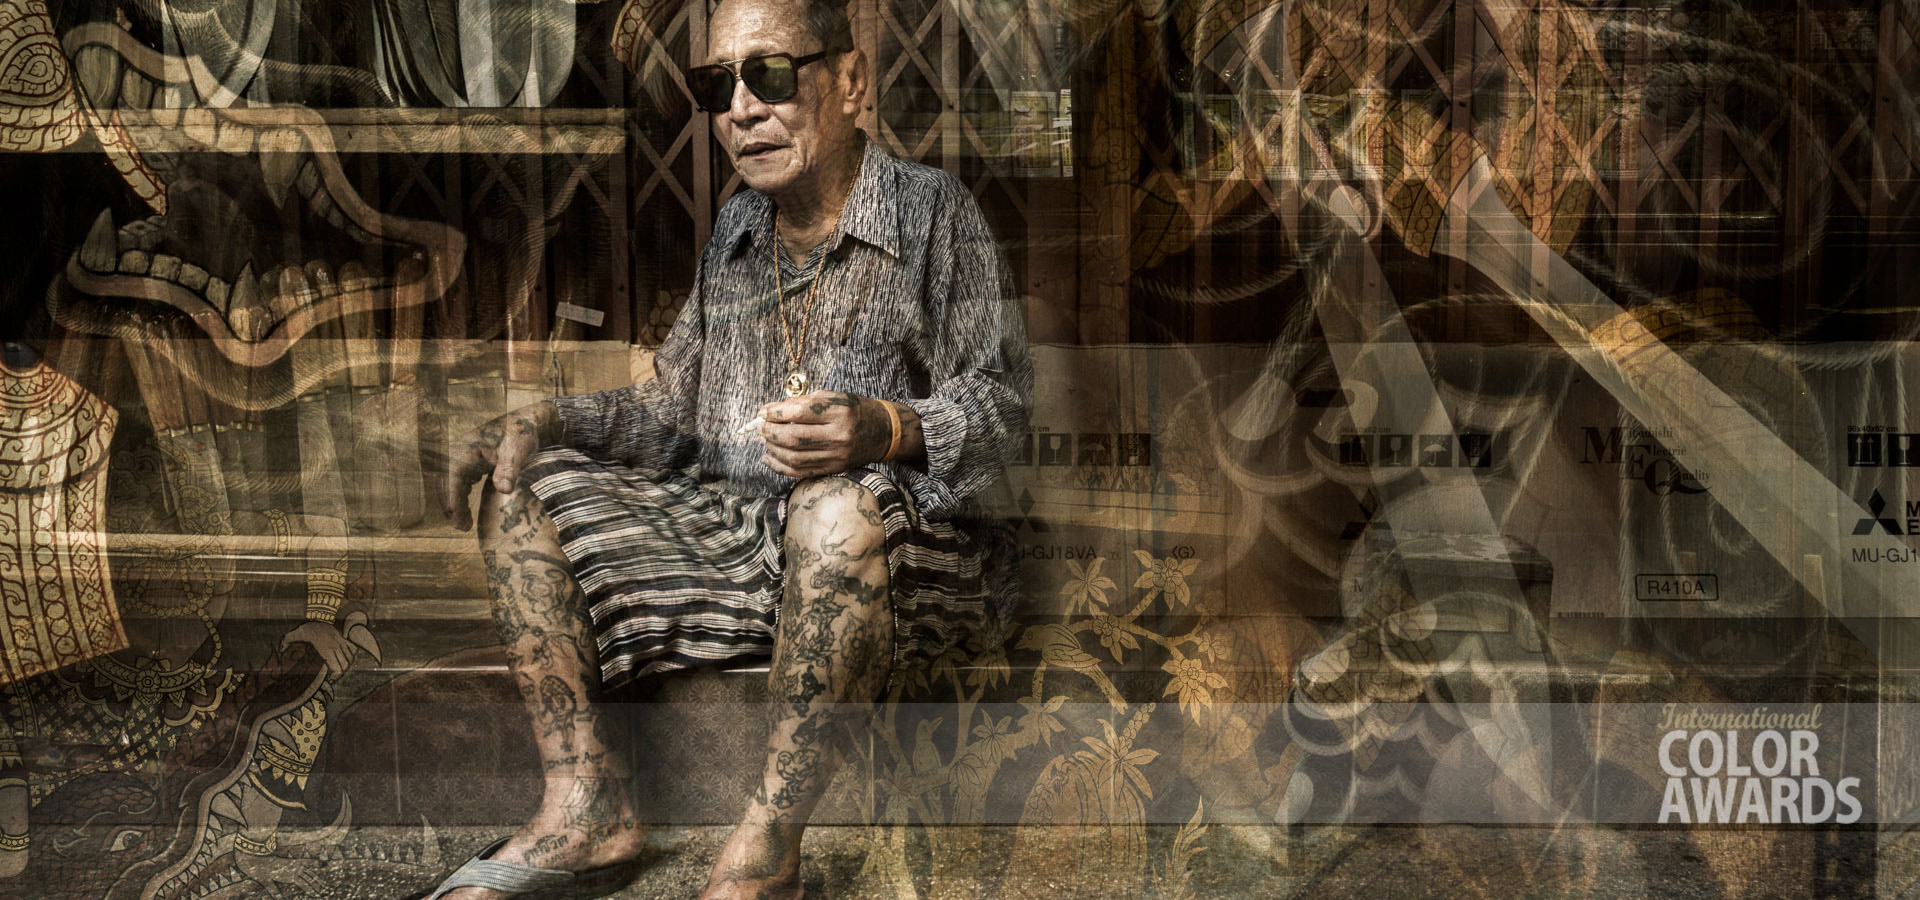 Riccardo magherini Fine Art - Yaksa_Tavarnbal-nominee-ICA-2017